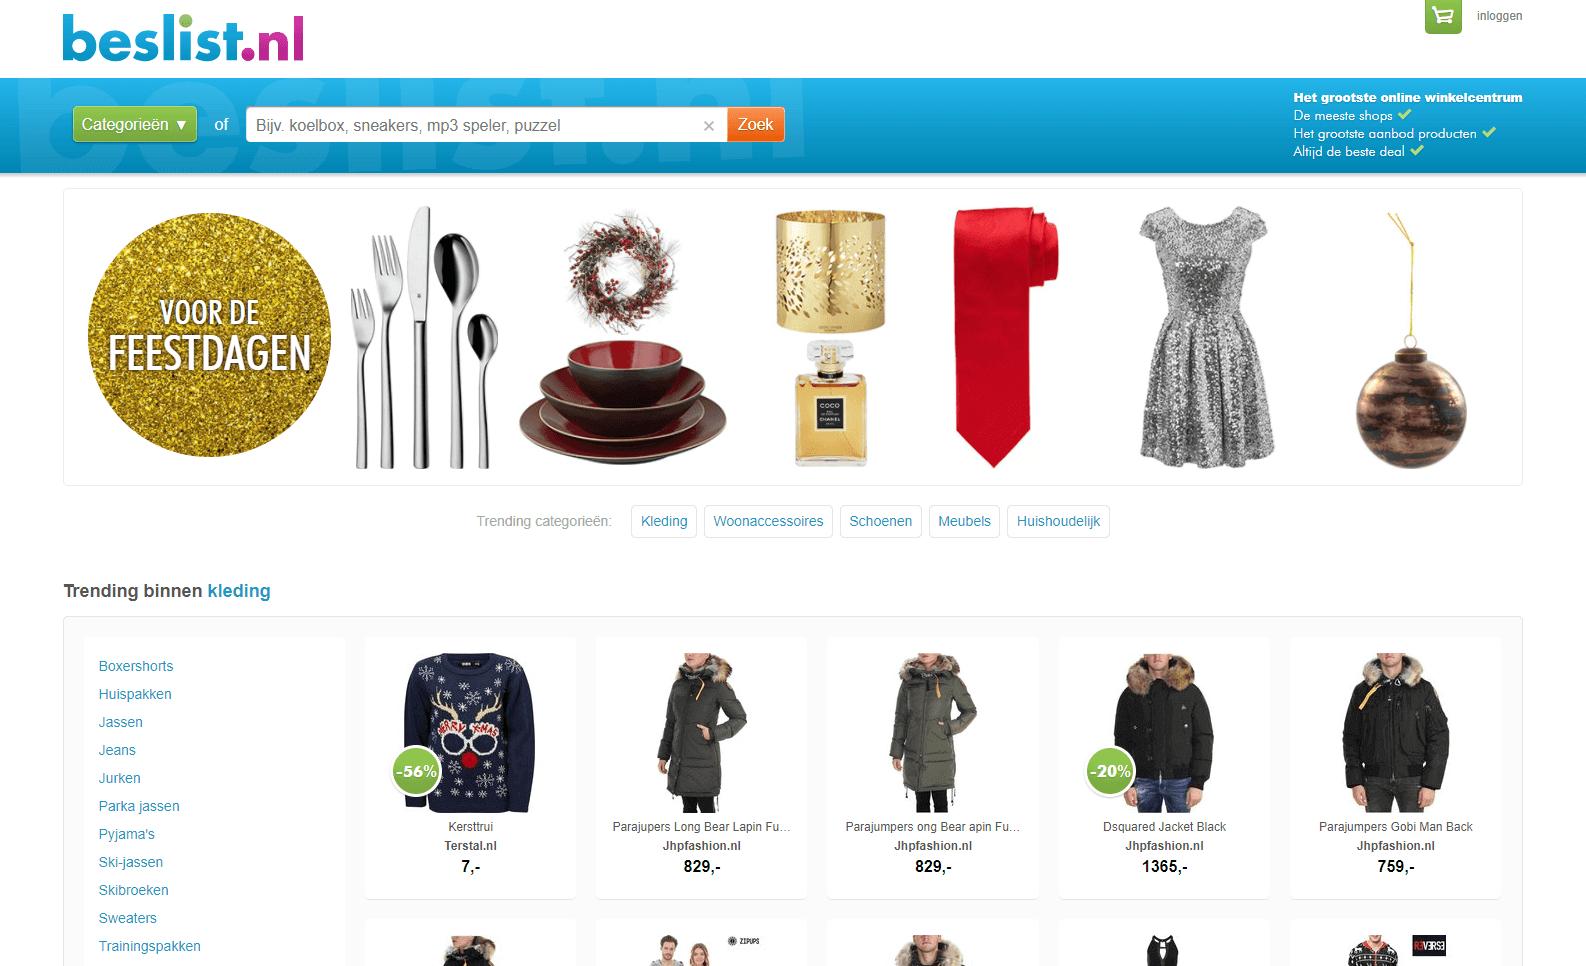 verkopen via beslist.nl